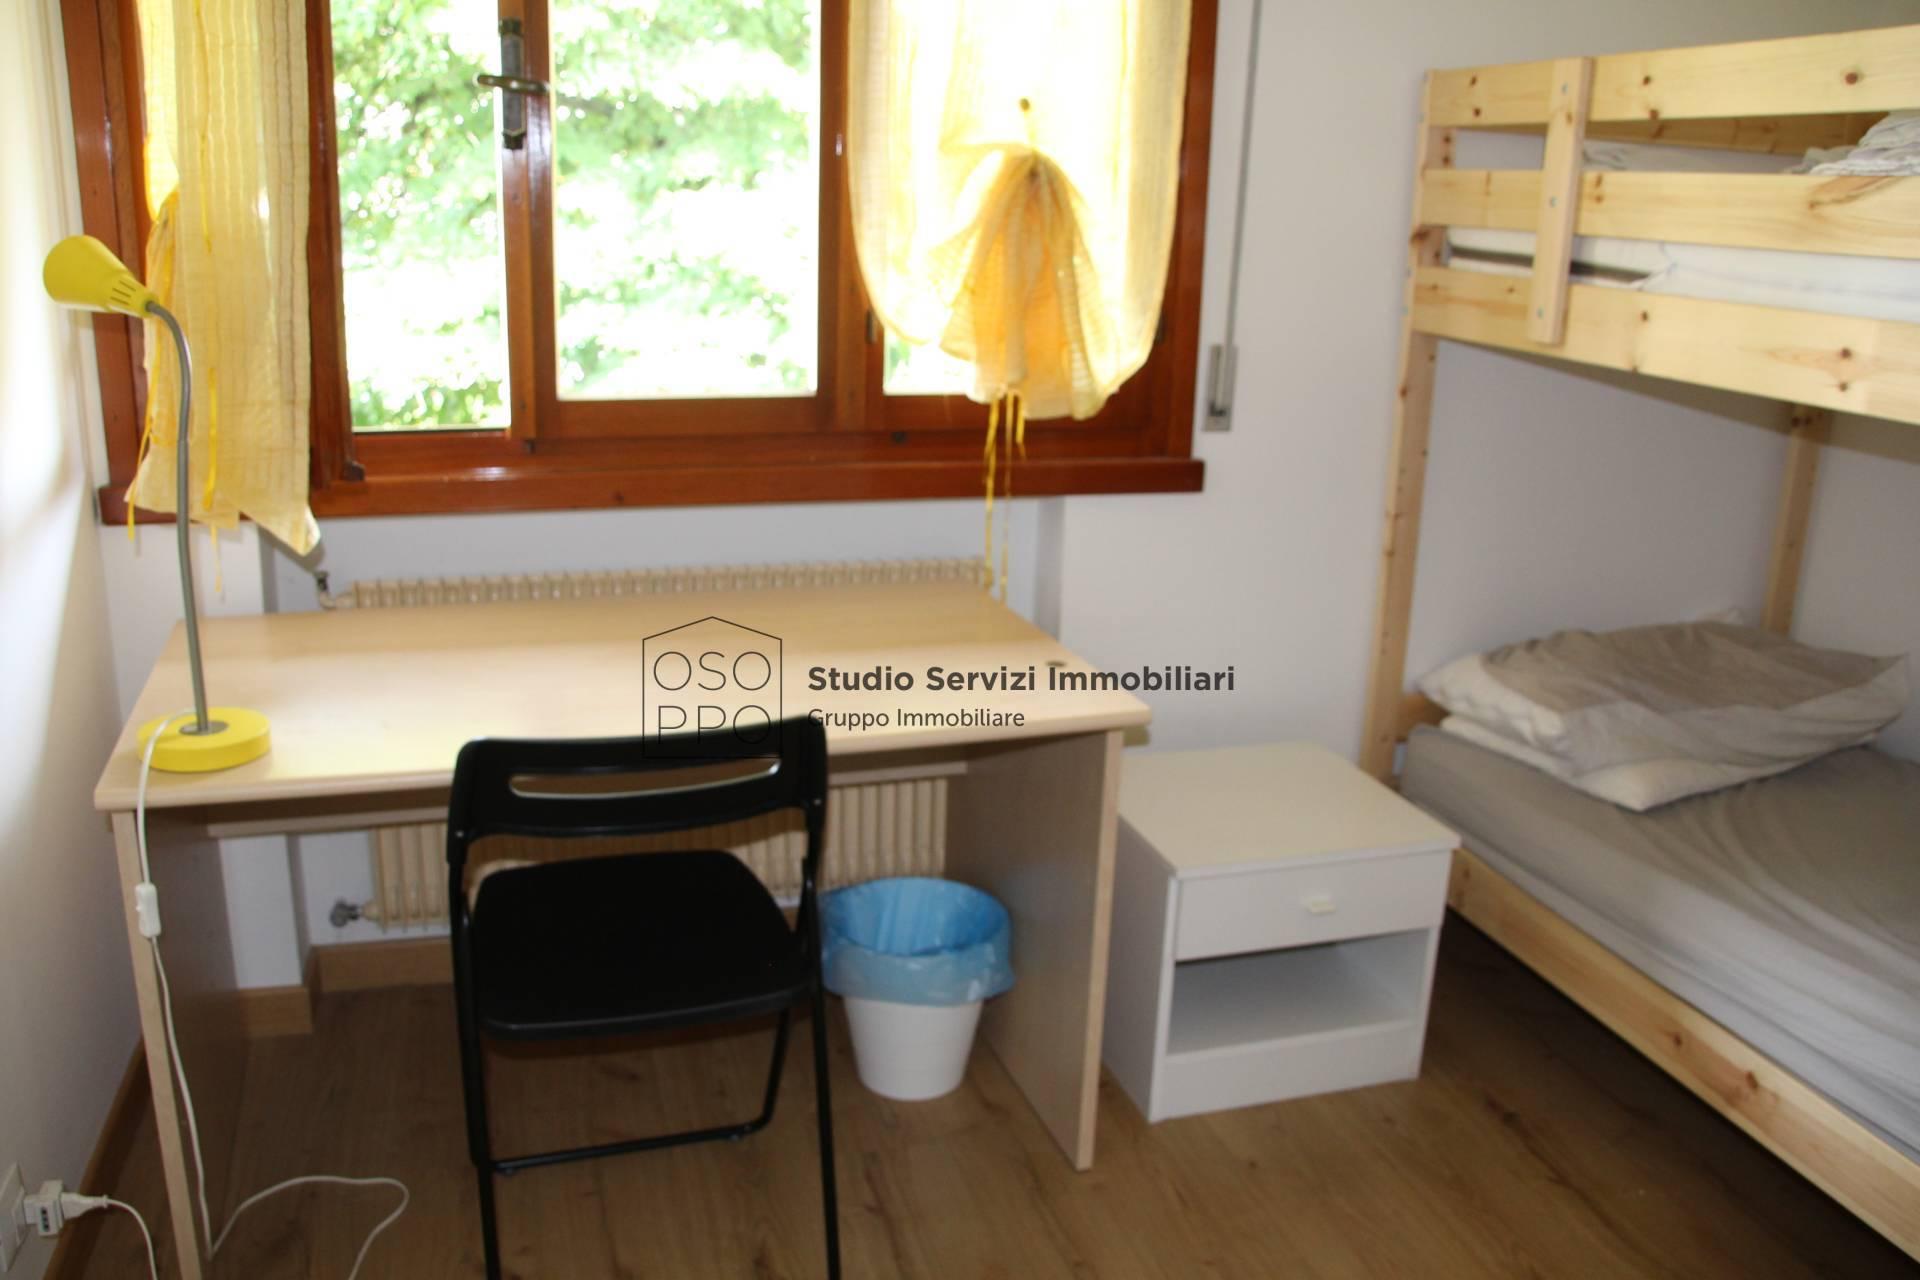 Appartamento in affitto a Udine, 2 locali, zona Località: Ospedale, prezzo € 200 | CambioCasa.it